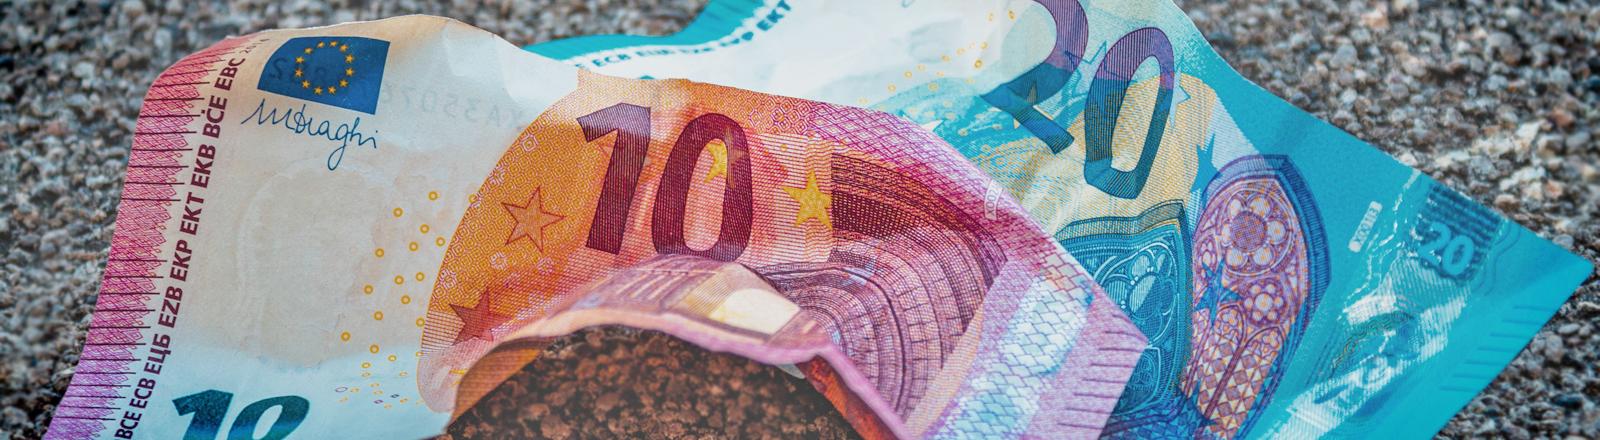 Ein 10-Euro-Schein und ein 20-Euro-Schein liegen zerknüllt auf dem Boden